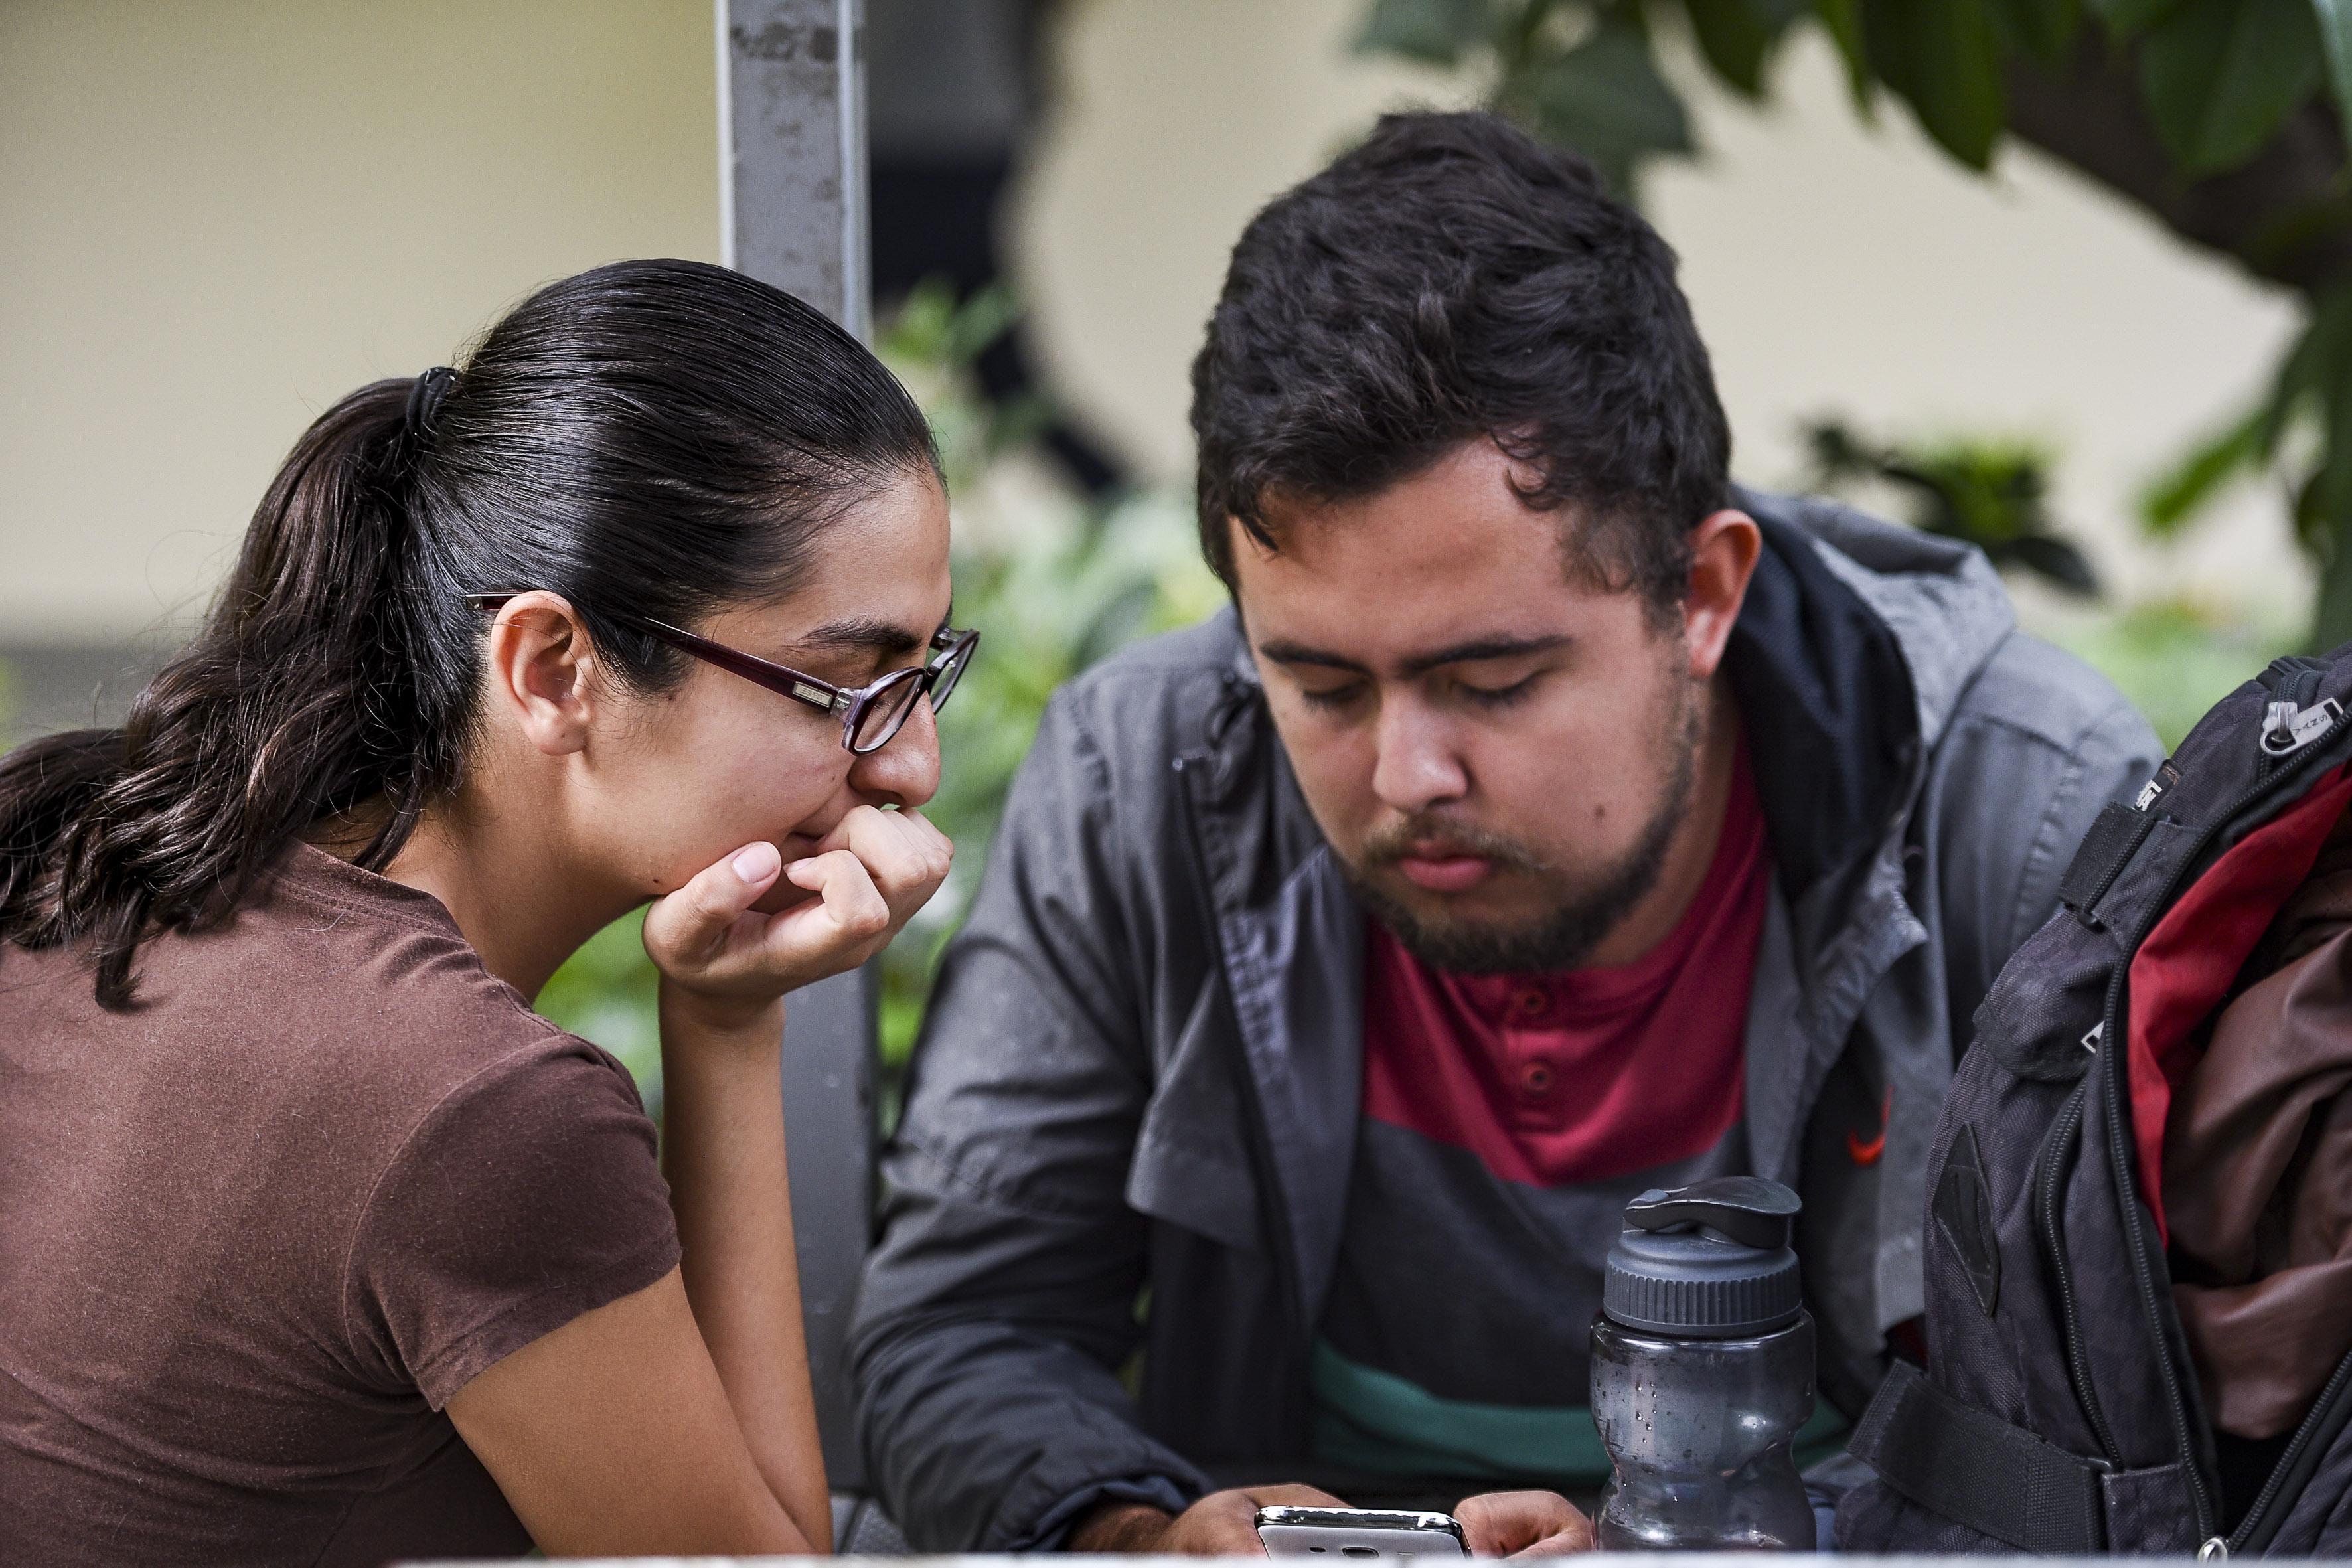 Alumno del CUCS le muestra a compañera contenido de su celular